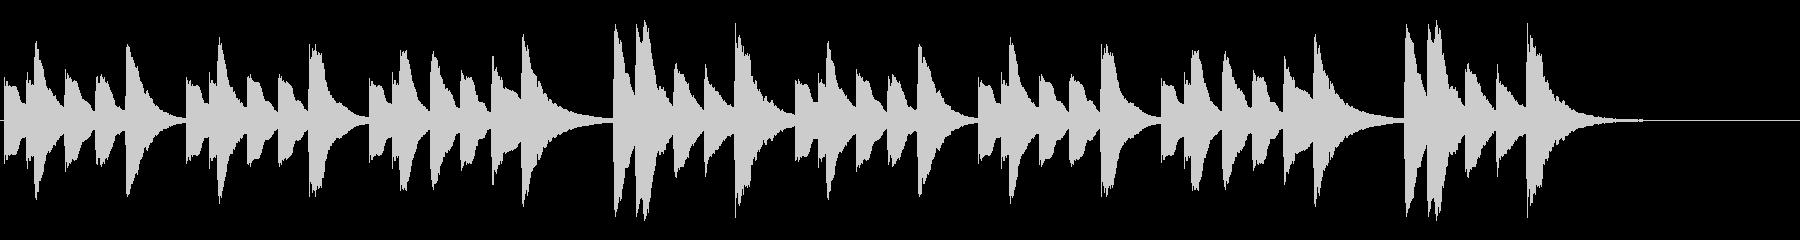 ハッピーバースデー誕生日の歌のオルゴールの未再生の波形